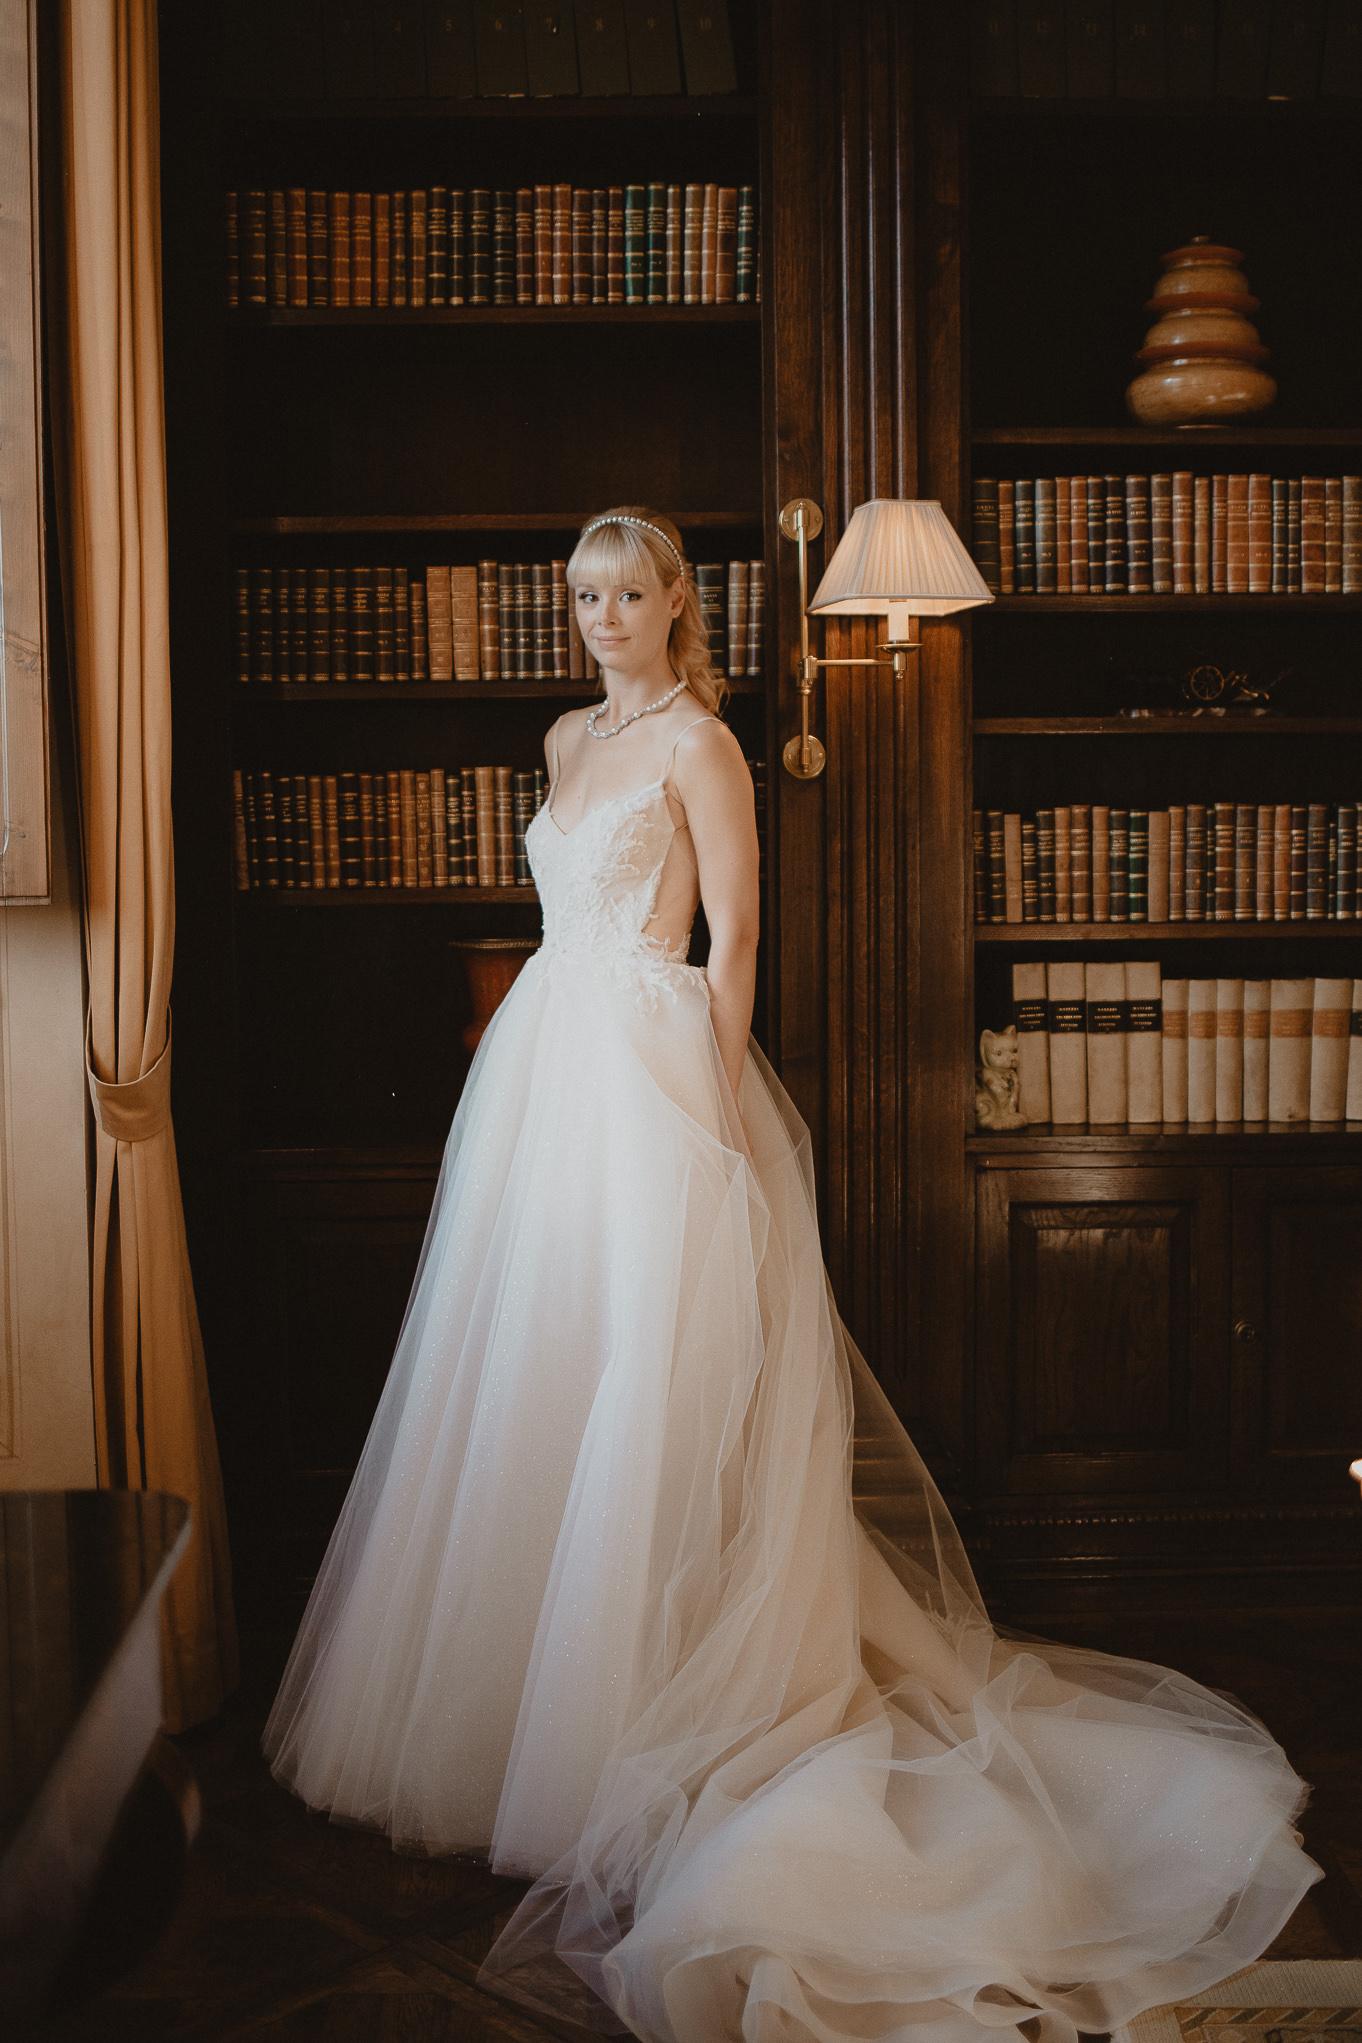 fotógrafo de bodas en Costa Brava, fotógrafos de bodas beto Perez girona, boda en Il Borro, tosacana Italia, casarse en una villa italiana, boda en florencia, bodas en la toscana, lamparas para cenas, ideas inspiracion de mesas para bodas